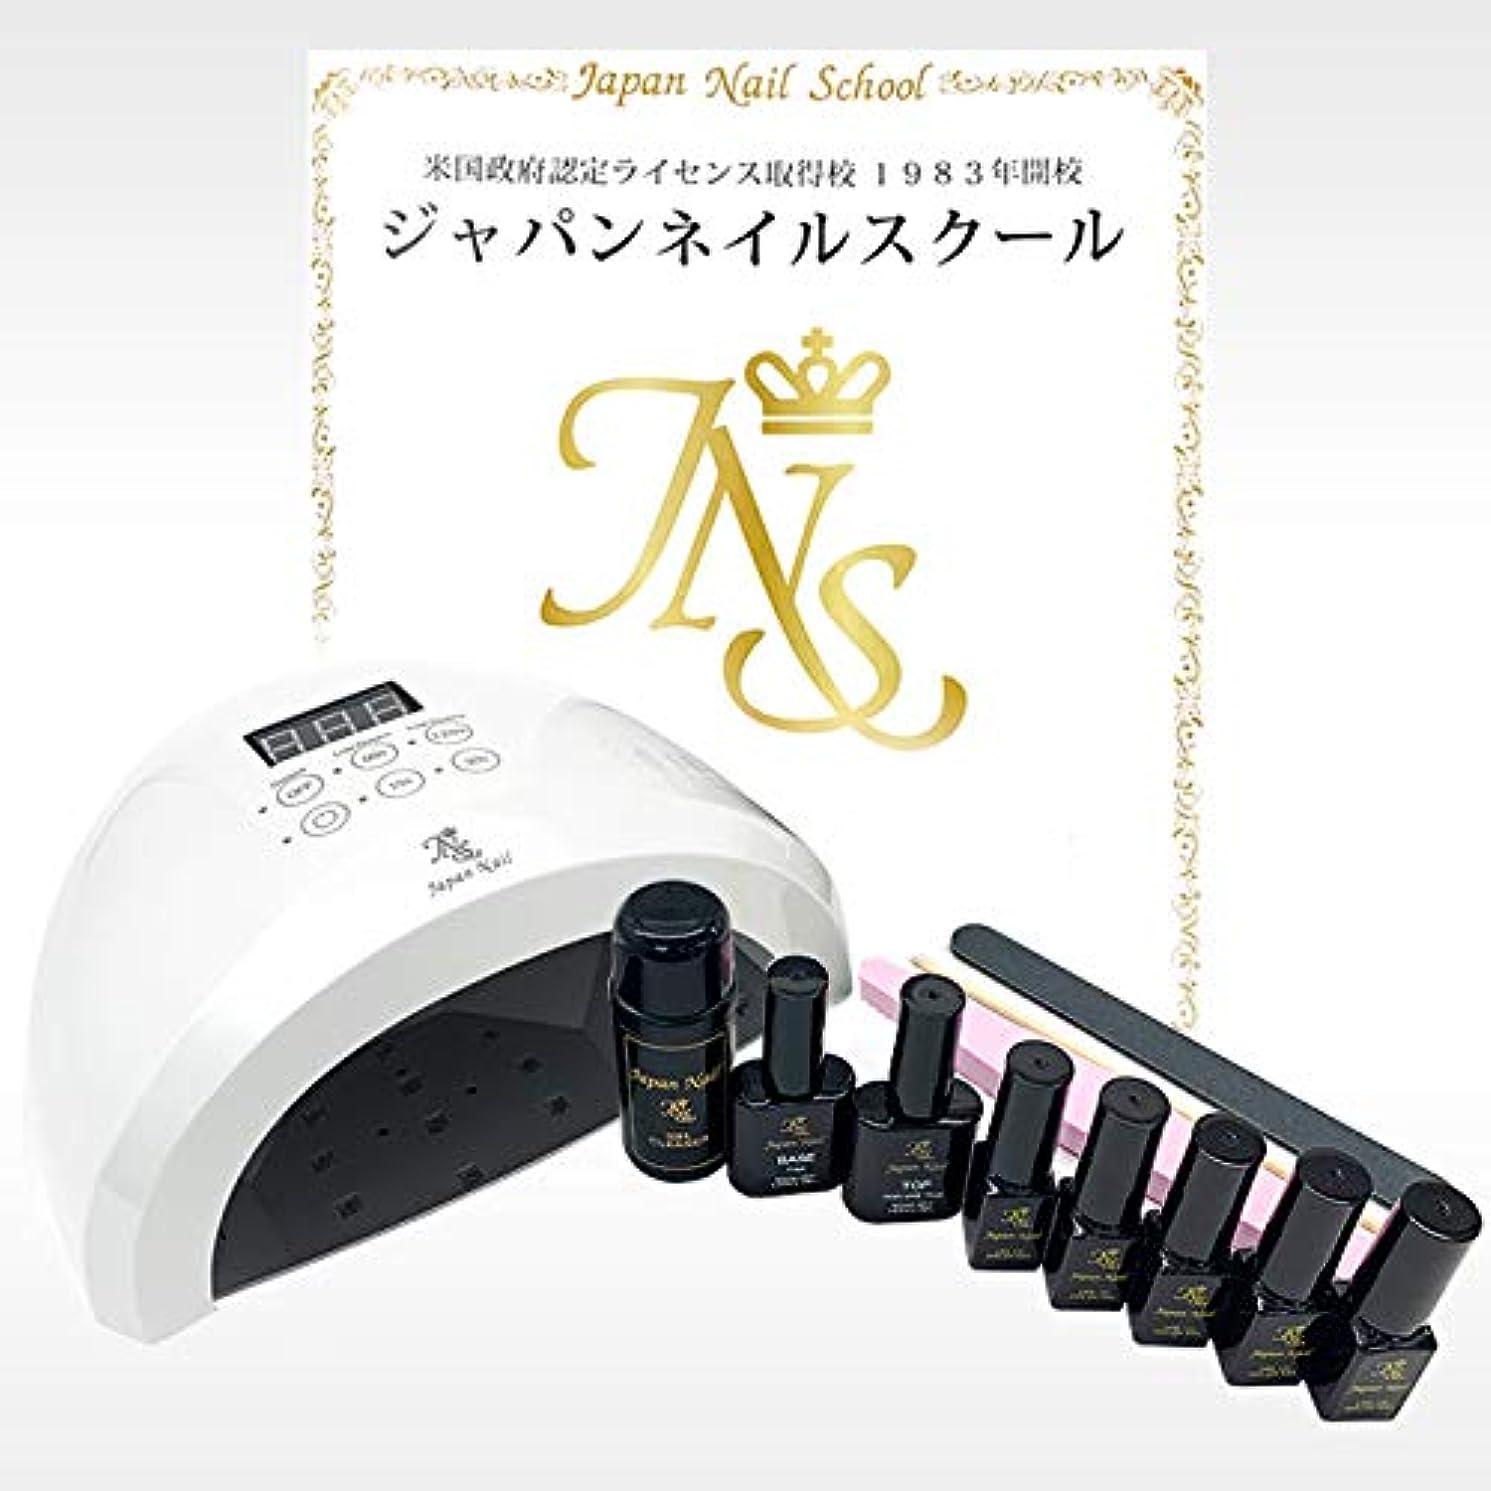 レンダリング国内の衝撃日本製多機能LEDライト付属ジェルネイルキットn2世界初!弱爪?傷爪でもジェルネイルが楽しめる2つのローダウン機能搭載!初心者も安心の5年間サポート付